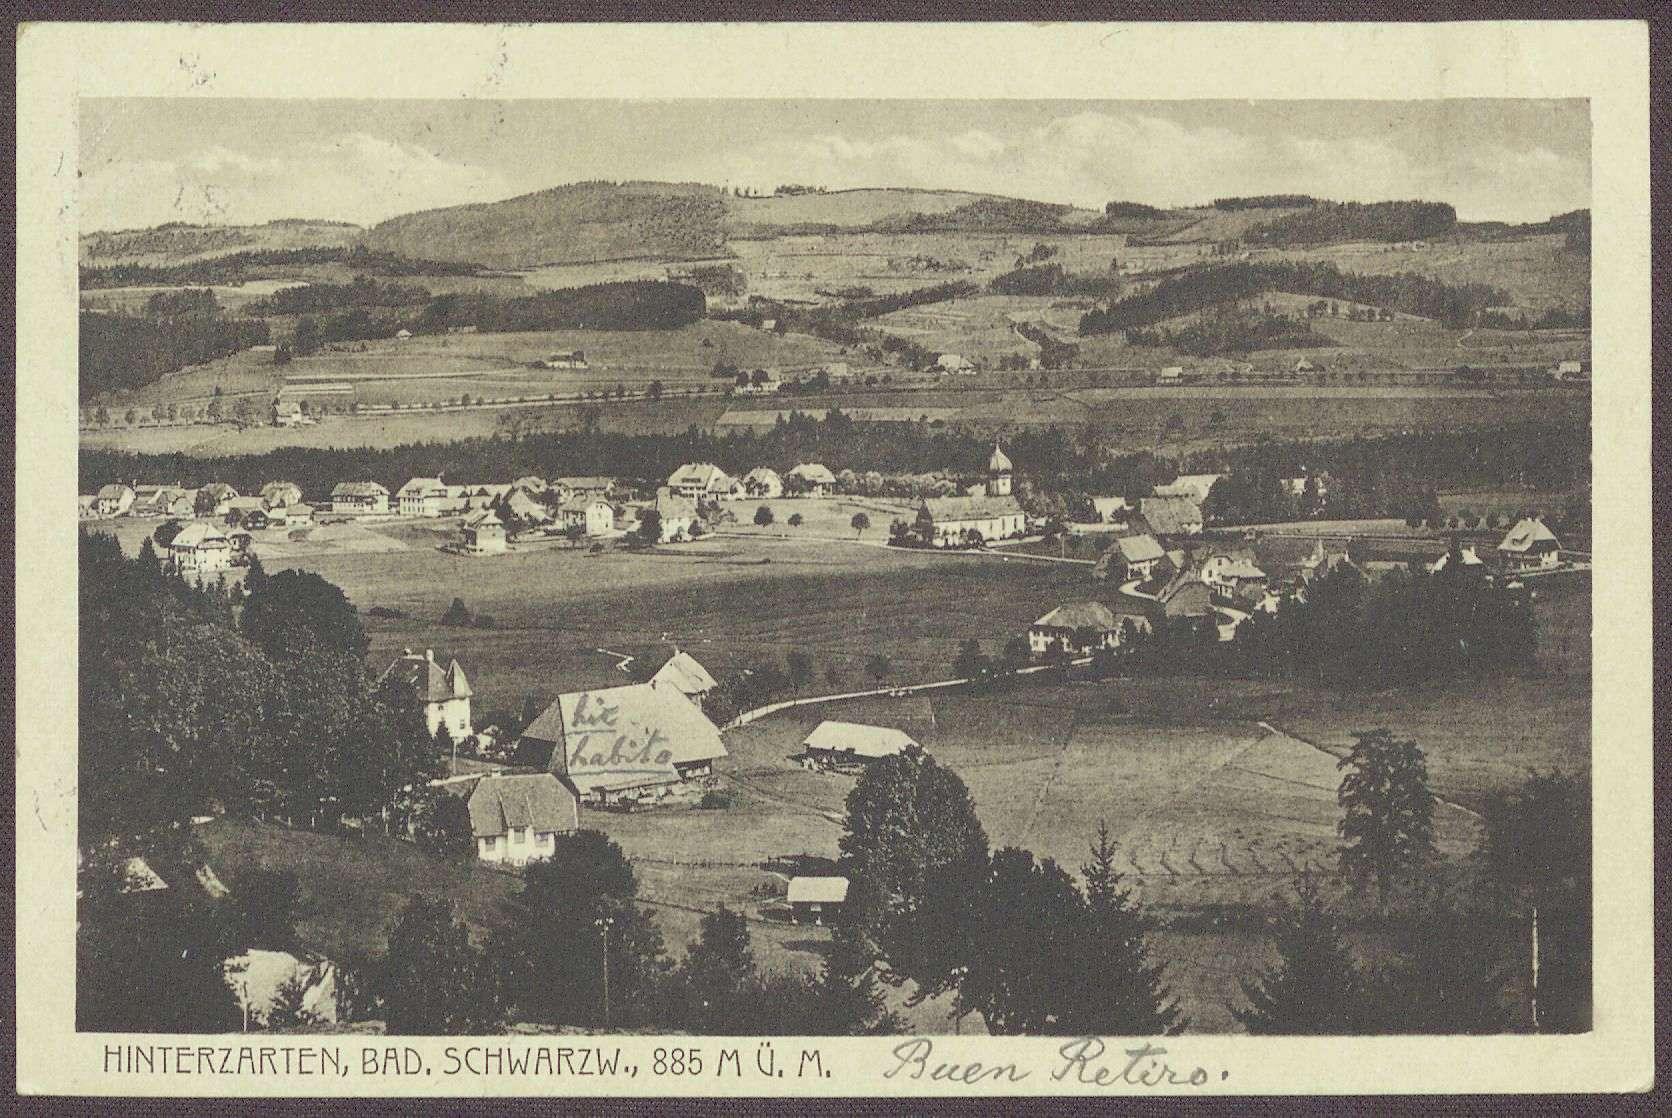 Postkarte, Motiv aus Hinterzarten, von J. Neff an Constantin Fehrenbach, Glückwünsche zur Wahl zum Reichskanzler, Bild 1